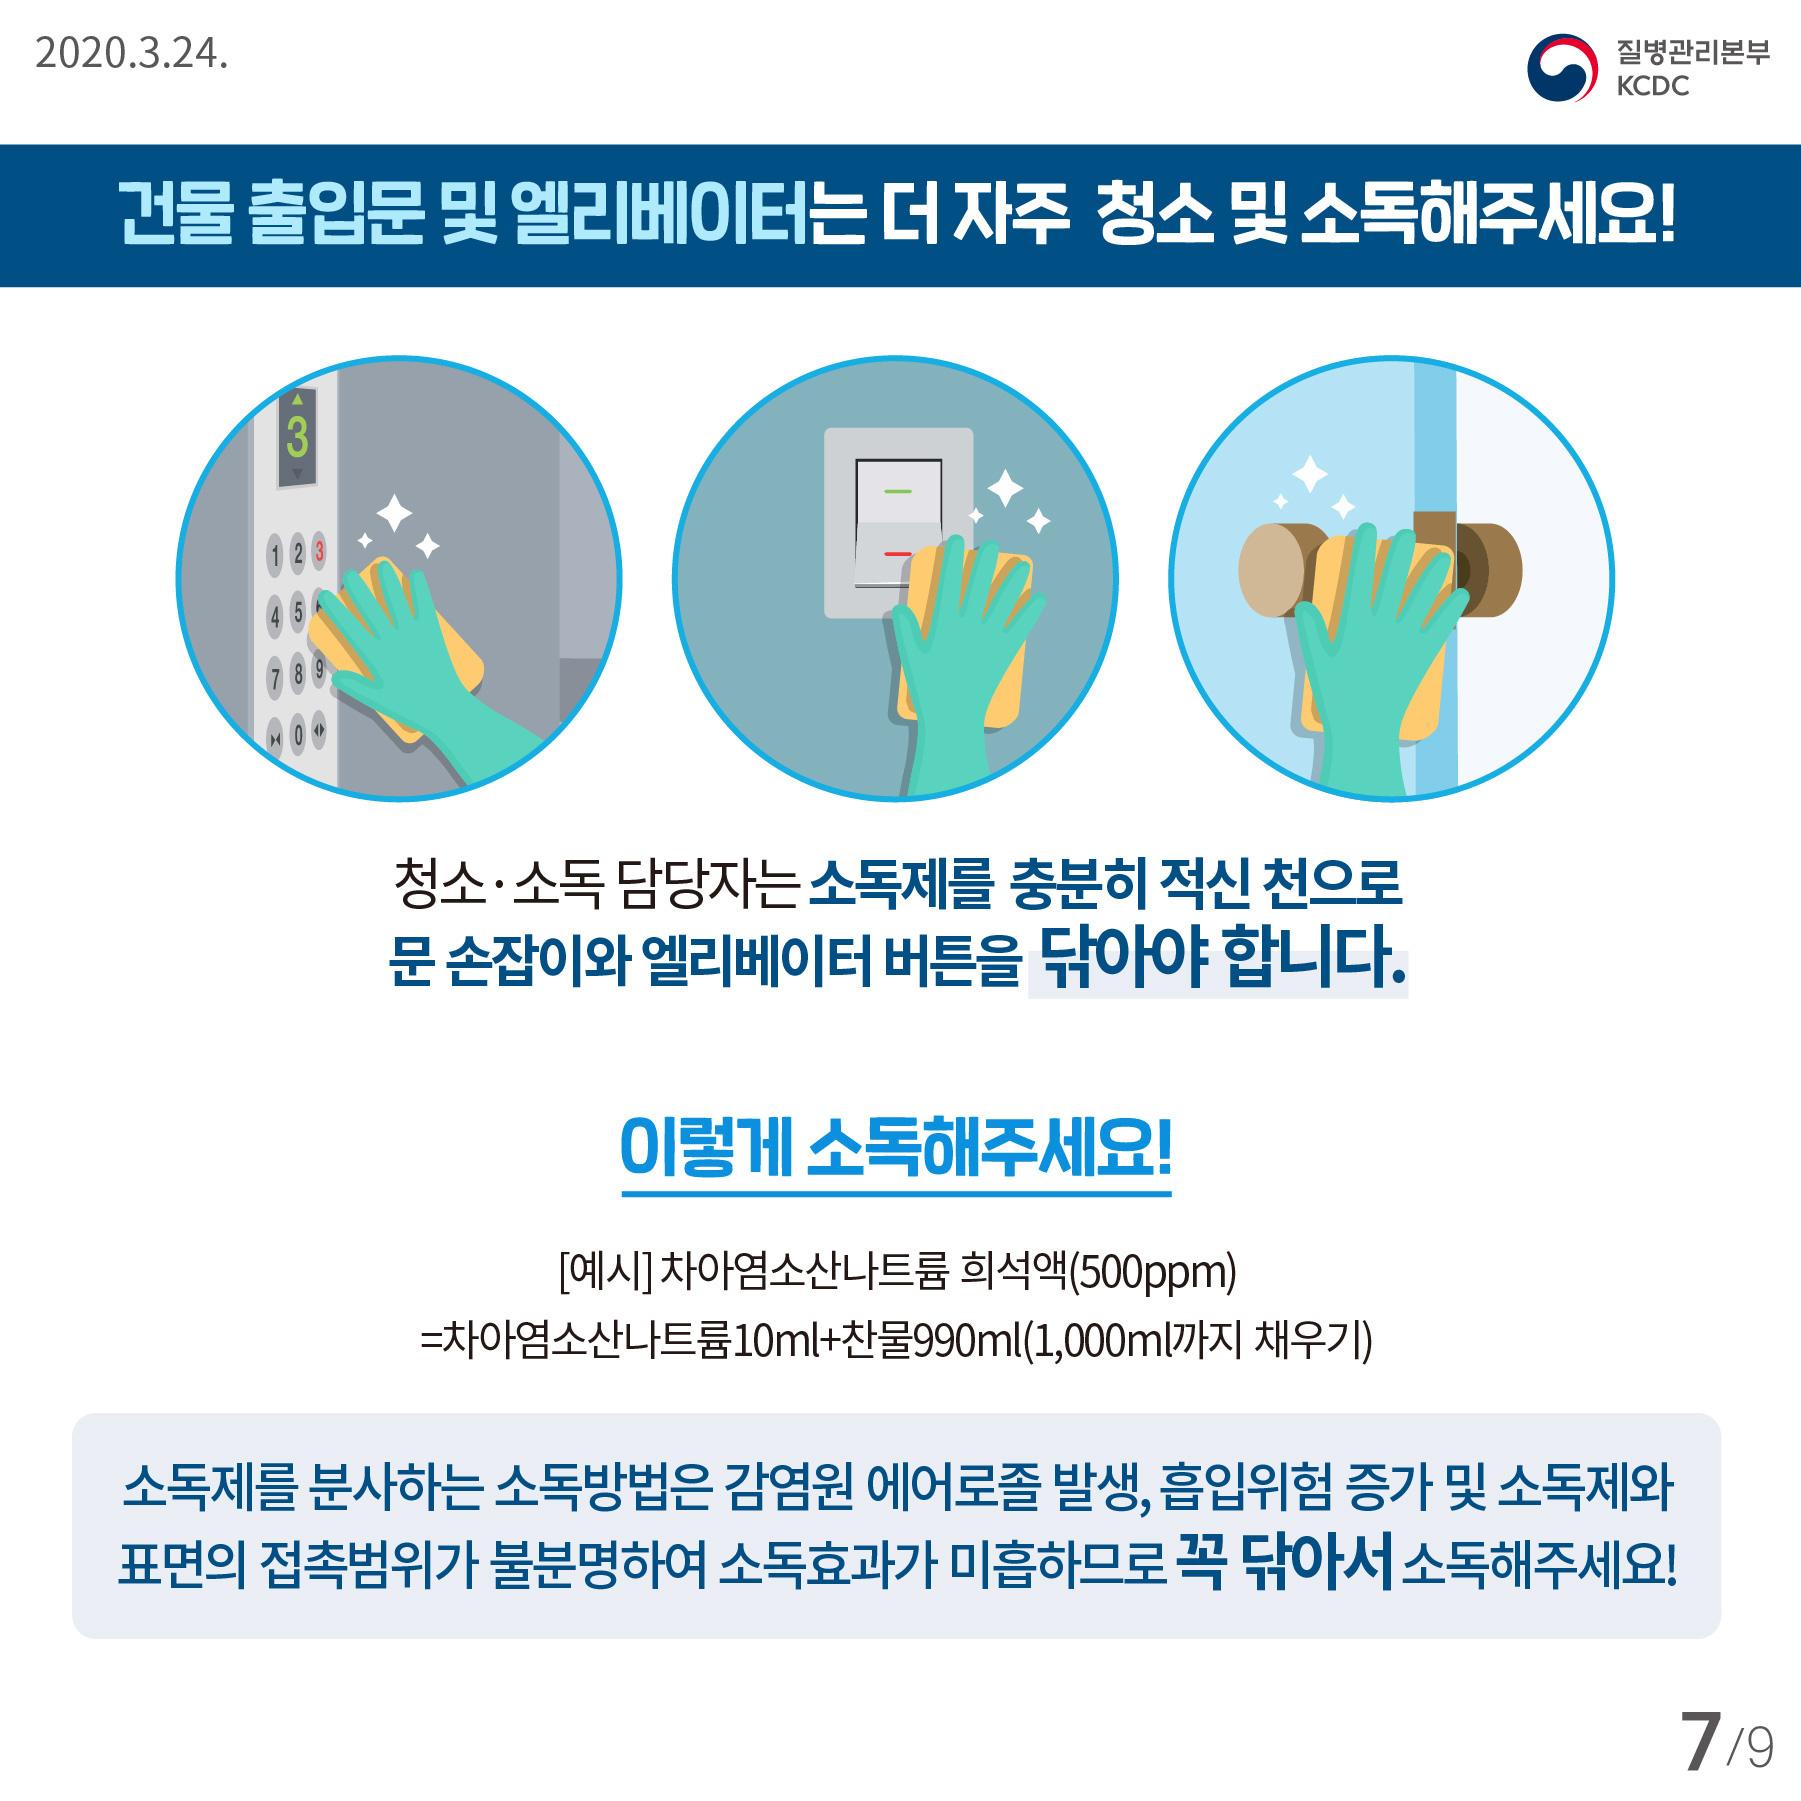 2020.3.24  질병관리본부 KCDC  건물 출입문 및 엘리베이터는 더 자주 청소 및 소독해주세요!  청소 ·  소독 담당자는 소독제를 충분히 적신 천으로 문 손잡이와 엘리베이터 버튼을 닦아야 합니다.   이렇게 소독해주세요! [예시] 차아염소산나트륨 희석액(500ppm) =  차아염소산나트륨 10ml + 찬물 990 ml (1,000ml 까지 채우기)  소독제를 분사하는 소독방법은 감염원 에어로졸 발생, 흡입위험 증가 및 소독제와 표면의 접촉범위가 불분명하여 소독효과가 미흡하므로 꼭 닦아서 소독해주세요!